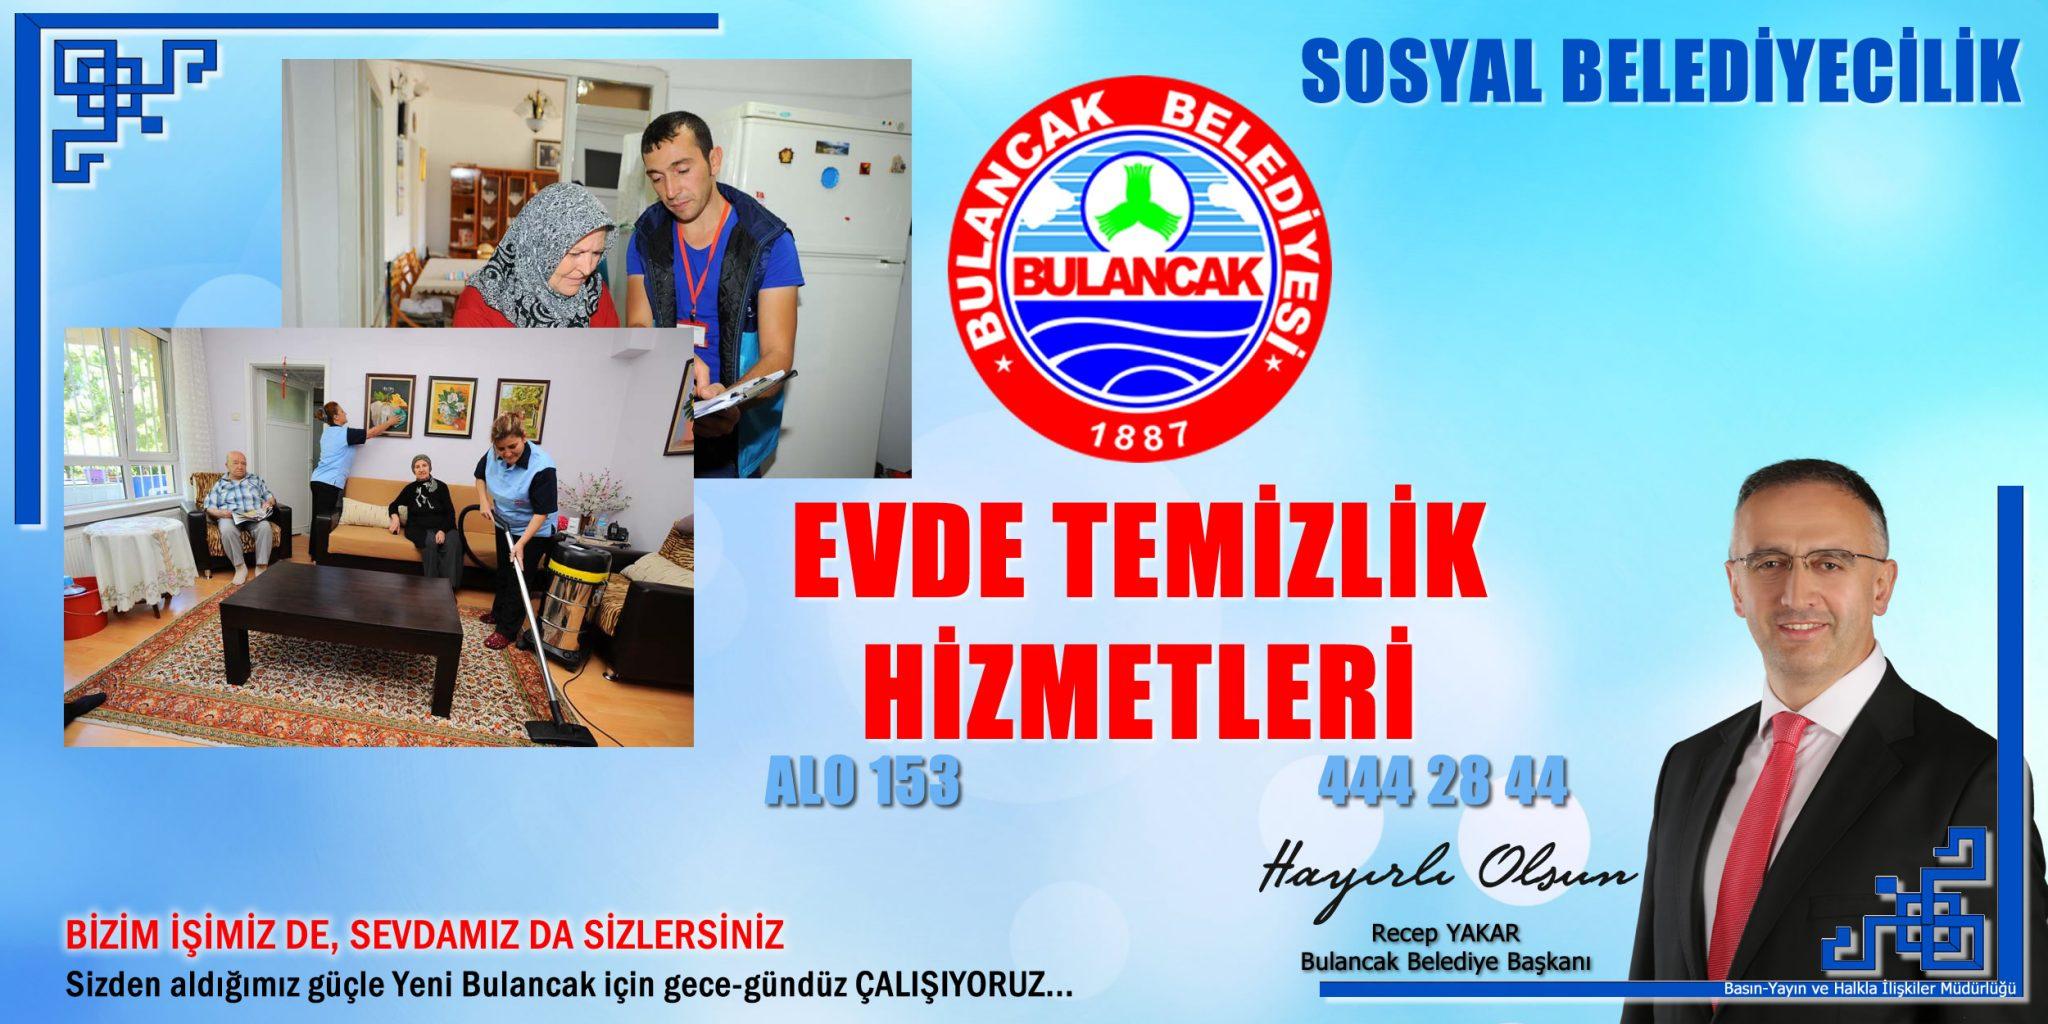 SOSYAL   Evde Temizlik Hizmetleri Projesi